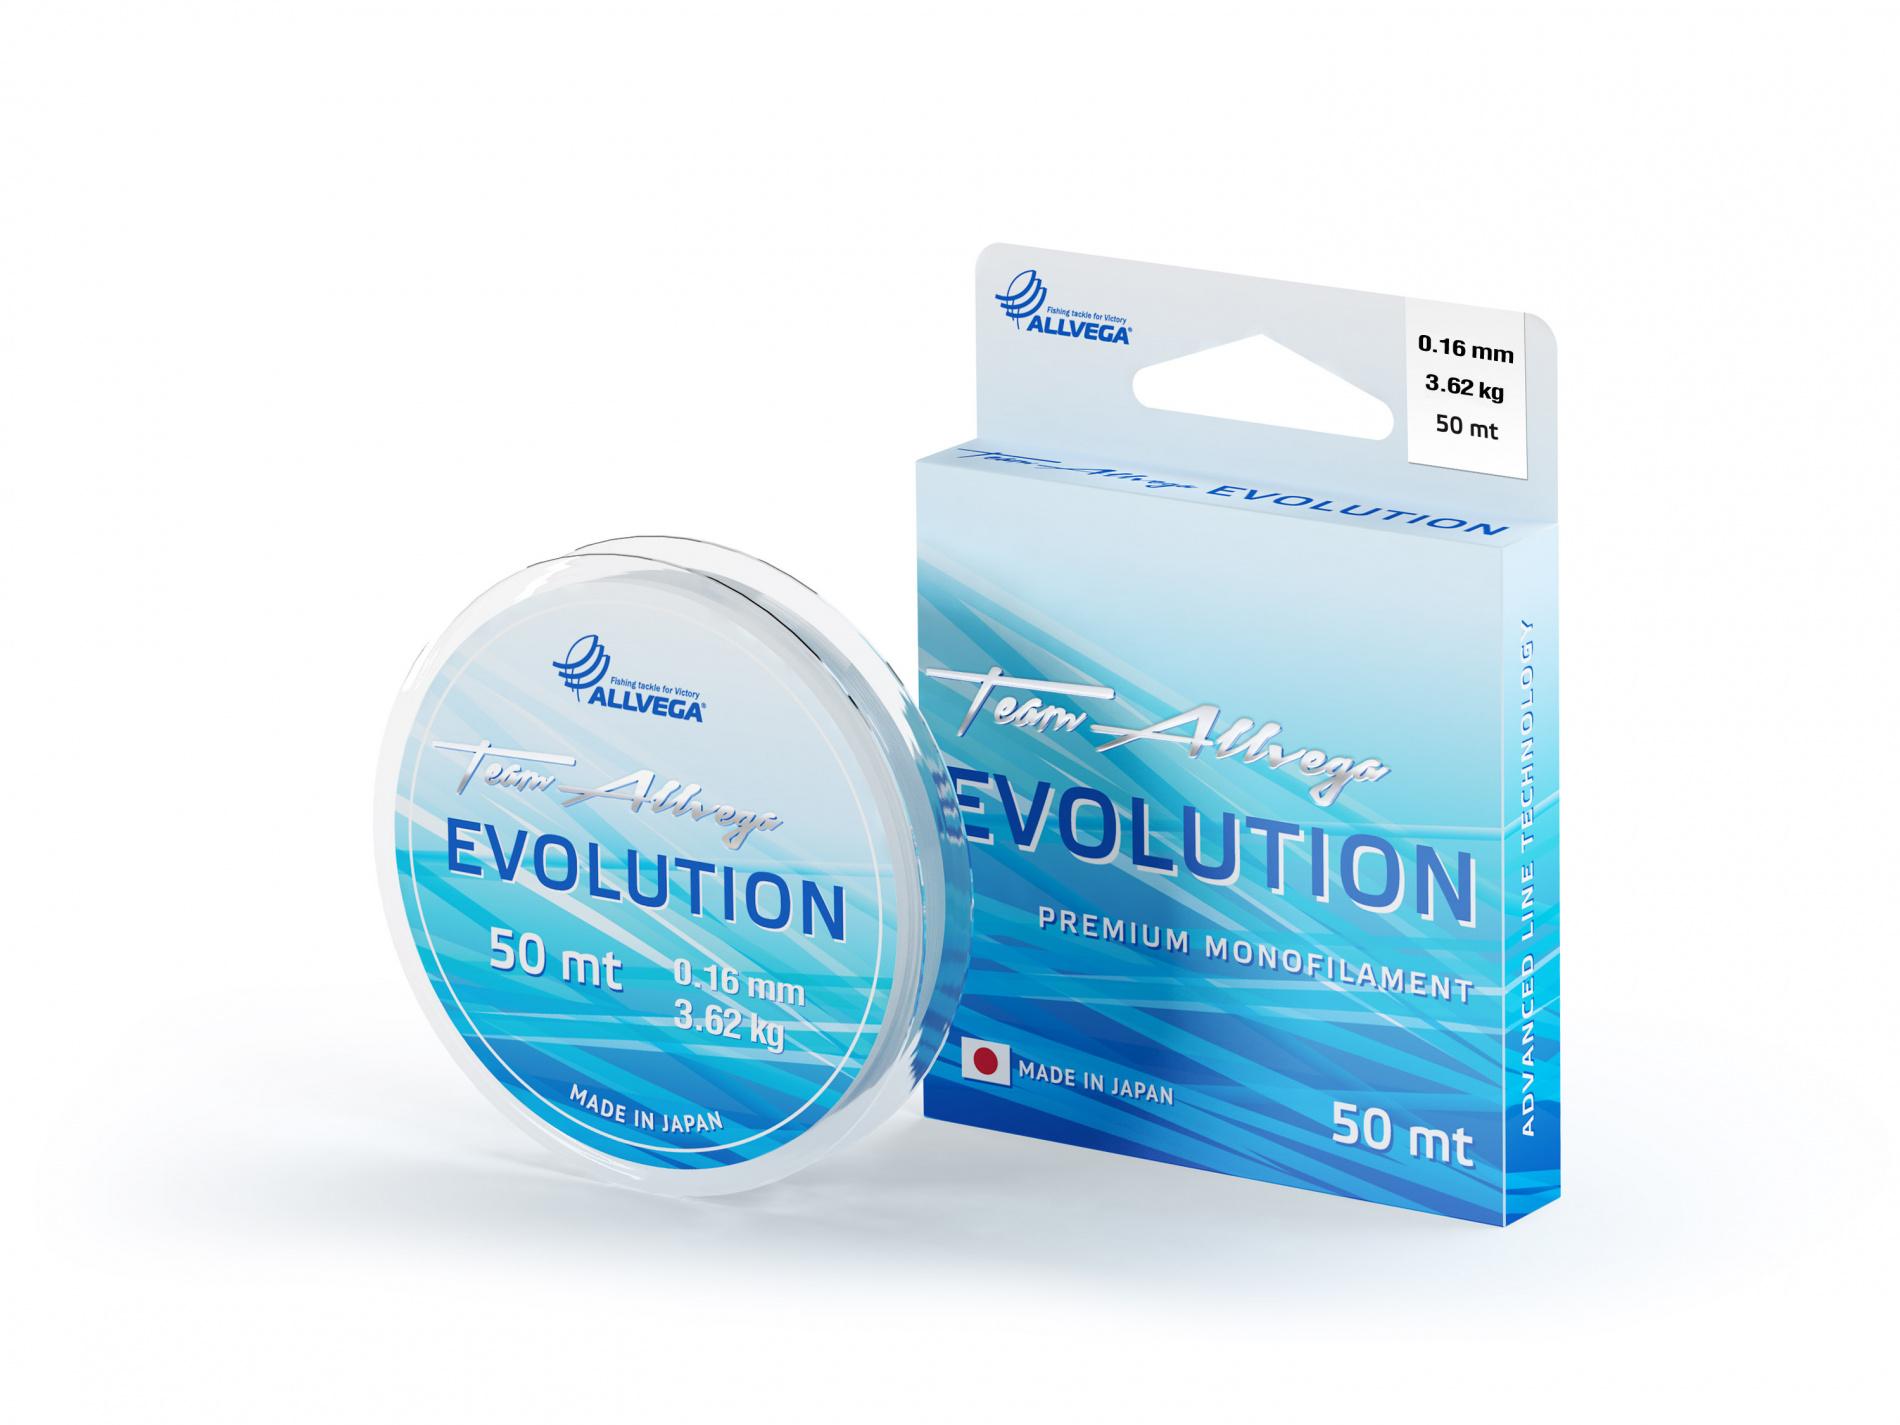 Леска ALLVEGA Evolution 0,16мм (50м) (3,62кг) (прозрачная)Леска монофильная<br>Леска EVOLUTION - это результат интеграции многолетнего <br>опыта европейских рыболовов-спортсменов <br>и современных японских технологий! Важнейшим <br>свойством лески является её однородность <br>и соответствие заявленному диаметру. Если <br>появляется неравномерность в калибровке <br>лески и искажается идеальная окружность <br>в сечении, это ведет к потере однородности <br>лески и ослабляет её. В этом смысле, на сегодняшний <br>день леска EVOLUTION имеет наиболее однородную <br>структуру. Из множества вариантов мы выбираем <br>новейшее и наиболее подходящее сырьё, чтобы <br>добиться исключительных характеристик <br>лески, выдержать оптимальный баланс между <br>прочностью и растяжимостью, и создать идеальный <br>продукт для любых условий ловли. Цвет прозрачный. <br>Сделана, размотана и упакована в Японии.<br><br>Сезон: лето